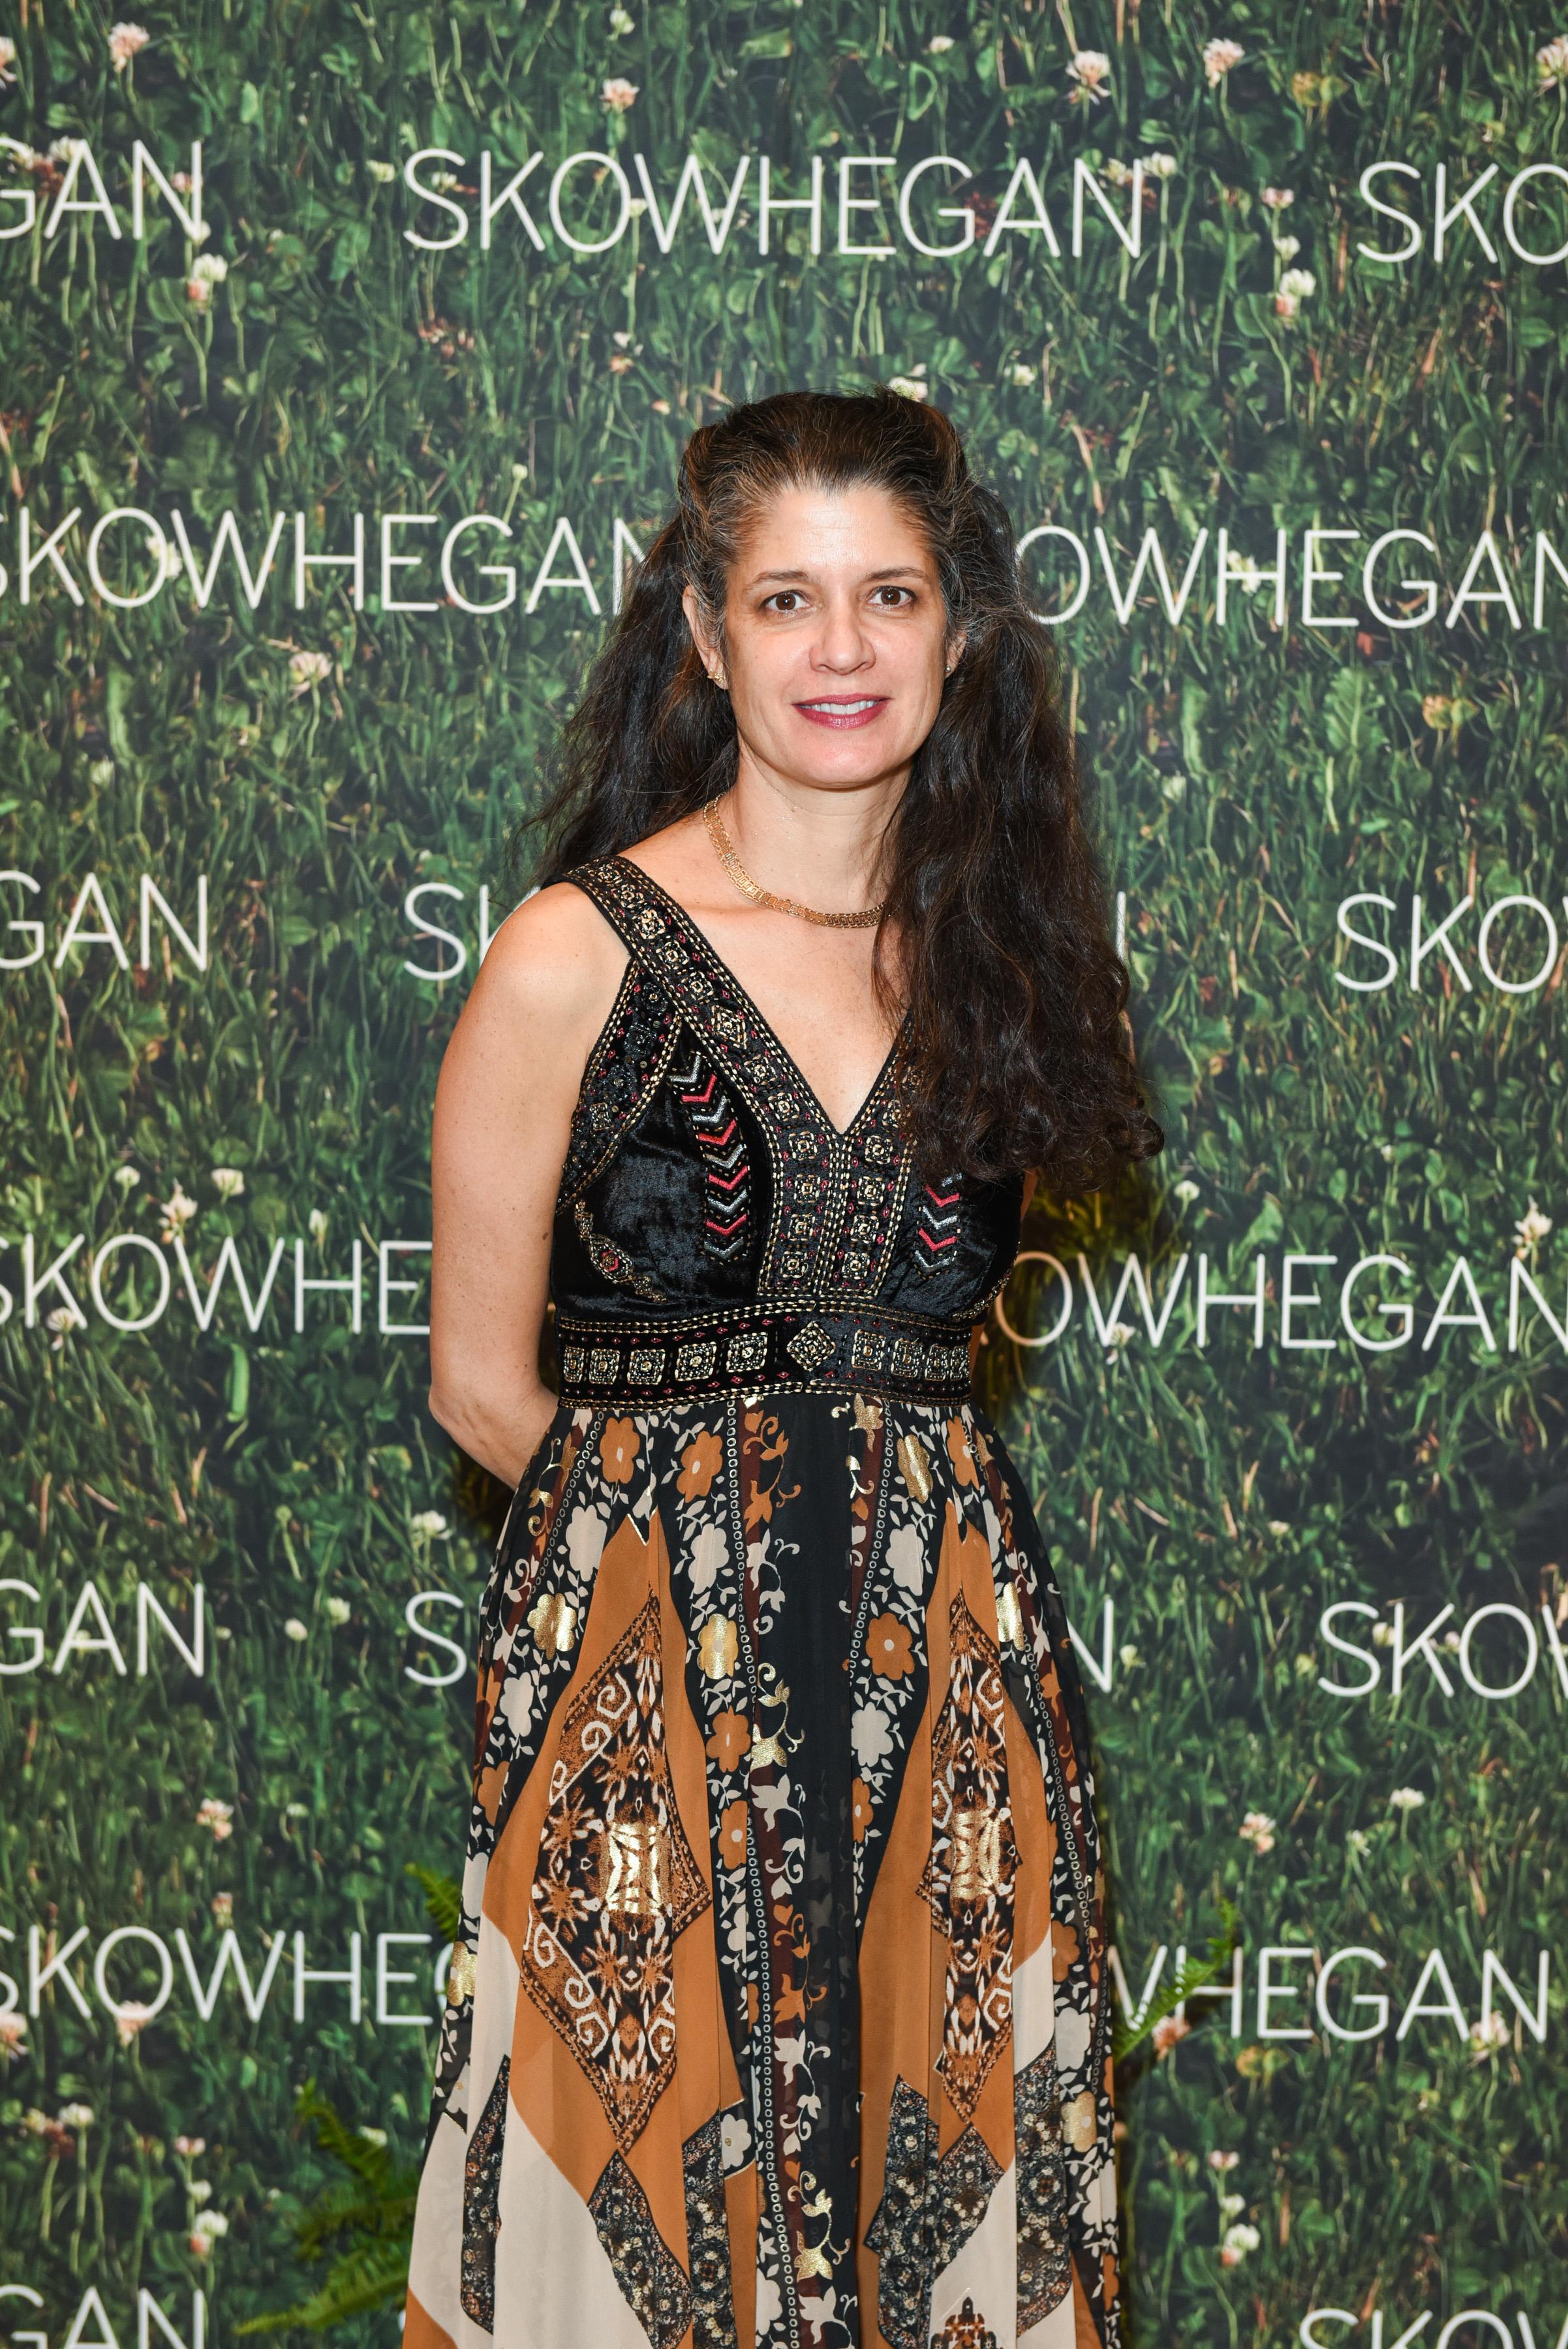 Janine Antoni==Skowhegan Awards Dinner 2018==The Plaza Hotel, New York, NY==April 24, 2018==�Patrick McMullan==Photo - Presley Ann/PMC====